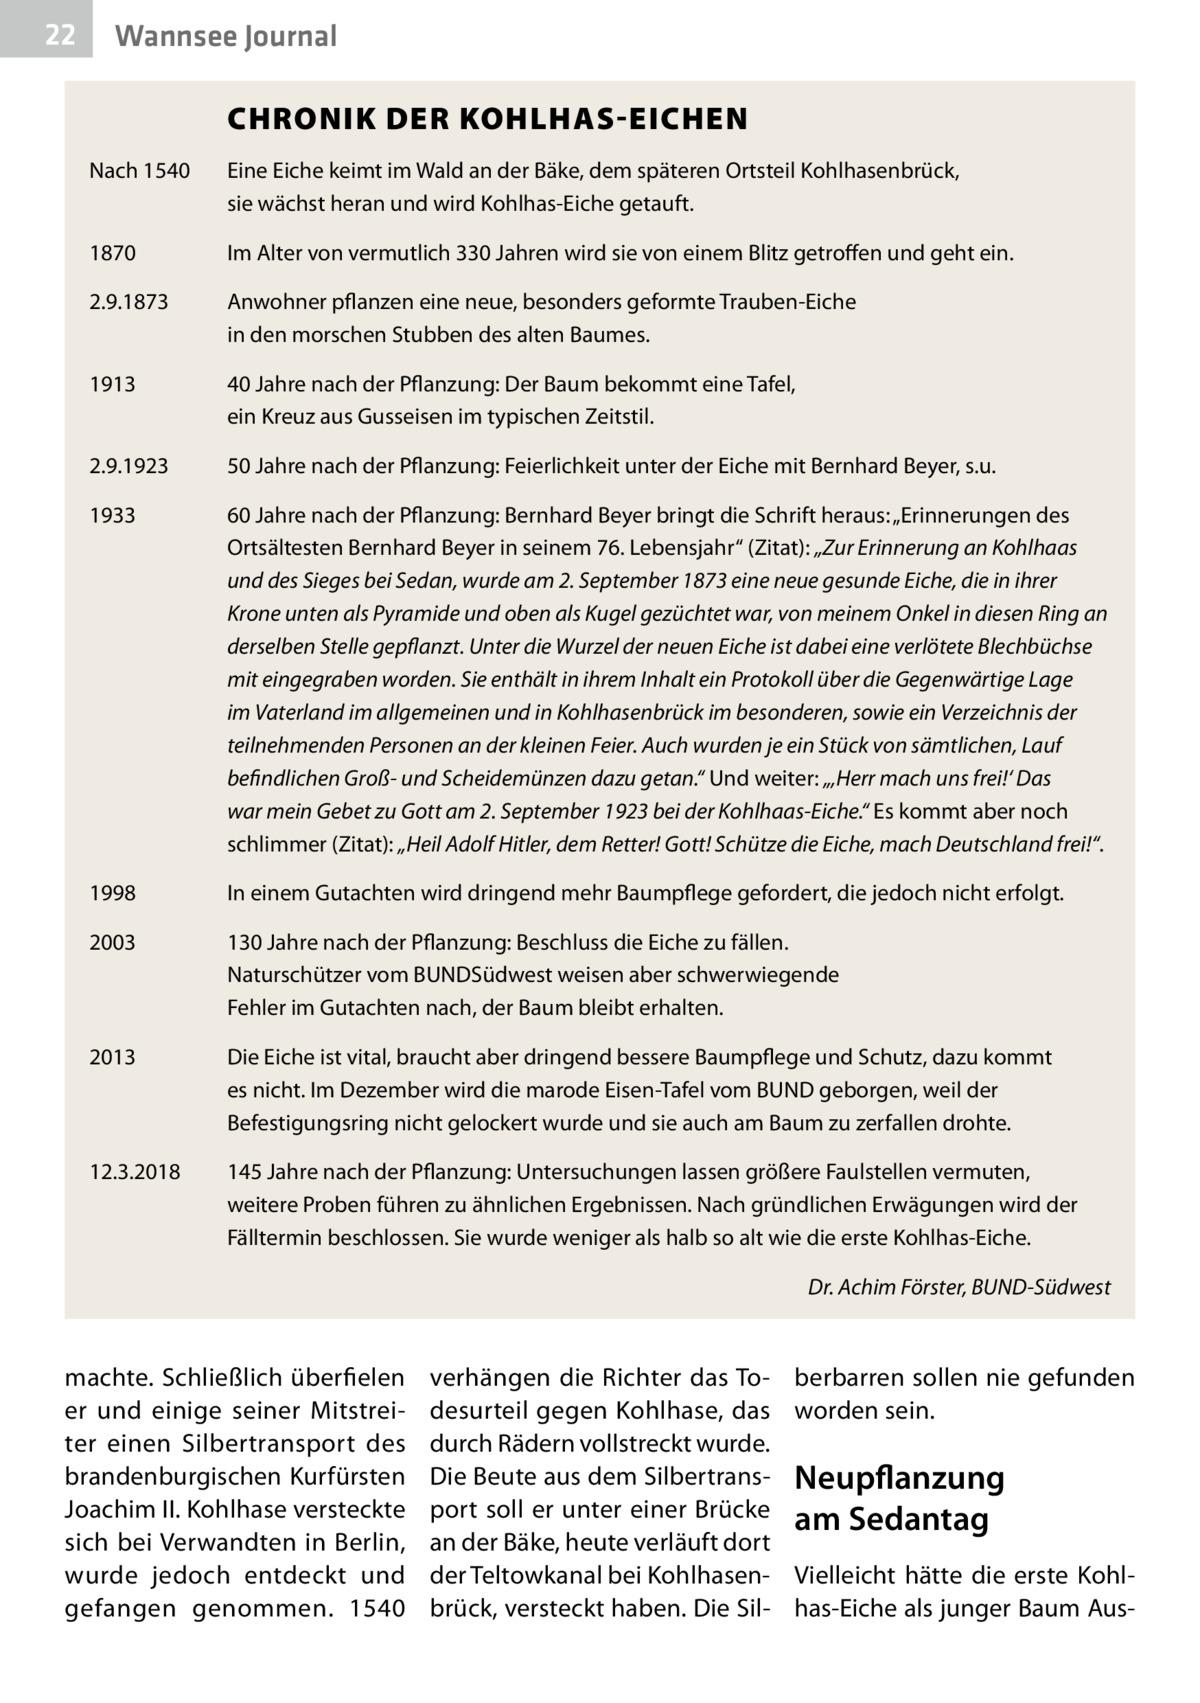 """22  Wannsee Journal   CHRONIK DER KOHLHAS-EICHEN  Nach 1540  Eine Eiche keimt im Wald an der Bäke, dem späteren Ortsteil Kohlhasenbrück, sie wächst heran und wird Kohlhas-Eiche getauft.  1870  Im Alter von vermutlich 330Jahren wird sie von einem Blitz getroffen und geht ein.  2.9.1873  Anwohner pflanzen eine neue, besonders geformte Trauben-Eiche in den morschen Stubben des alten Baumes.  1913  40Jahre nach der Pflanzung: Der Baum bekommt eine Tafel, ein Kreuz aus Gusseisen im typischen Zeitstil.  2.9.1923  50Jahre nach der Pflanzung: Feierlichkeit unter der Eiche mit Bernhard Beyer, s.u.  1933  60Jahre nach der Pflanzung: Bernhard Beyer bringt die Schrift heraus: """"Erinnerungen des Ortsältesten Bernhard Beyer in seinem 76. Lebensjahr"""" (Zitat): """"Zur Erinnerung an K  ohlhaas und des Sieges bei Sedan, wurde am 2.September 1873 eine neue gesunde Eiche, die in ihrer Krone unten als Pyramide und oben als Kugel gezüchtet war, von meinem Onkel in diesen Ring an derselben Stelle gepflanzt. Unter die Wurzel der neuen Eiche ist dabei eine verlötete Blechbüchse mit eingegraben worden. Sie enthält in ihrem Inhalt ein Protokoll über die Gegenwärtige Lage im Vaterland im allgemeinen und in Kohlhasenbrück im besonderen, sowie ein Verzeichnis der teilnehmenden Personen an der kleinen Feier. Auch wurden je ein Stück von sämtlichen, Lauf befindlichen Groß- und Scheidemünzen dazu getan."""" Und weiter: """"'Herr mach uns frei!' Das war mein Gebet zu Gott am 2.September 1923 bei der Kohlhaas-Eiche."""" Es kommt aber noch schlimmer (Zitat): """"Heil Adolf Hitler, dem Retter! Gott! Schütze die Eiche, mach Deutschland frei!"""".  1998  In einem Gutachten wird dringend mehr Baumpflege gefordert, die jedoch nicht erfolgt.  2003  130Jahre nach der Pflanzung: Beschluss die Eiche zu fällen. Naturschützer vom BUNDSüdwest weisen aber schwerwiegende Fehler im Gutachten nach, der Baum bleibt erhalten.  2013  Die Eiche ist vital, braucht aber dringend bessere Baumpflege und Schutz, dazu kommt es nicht. Im Dezember"""